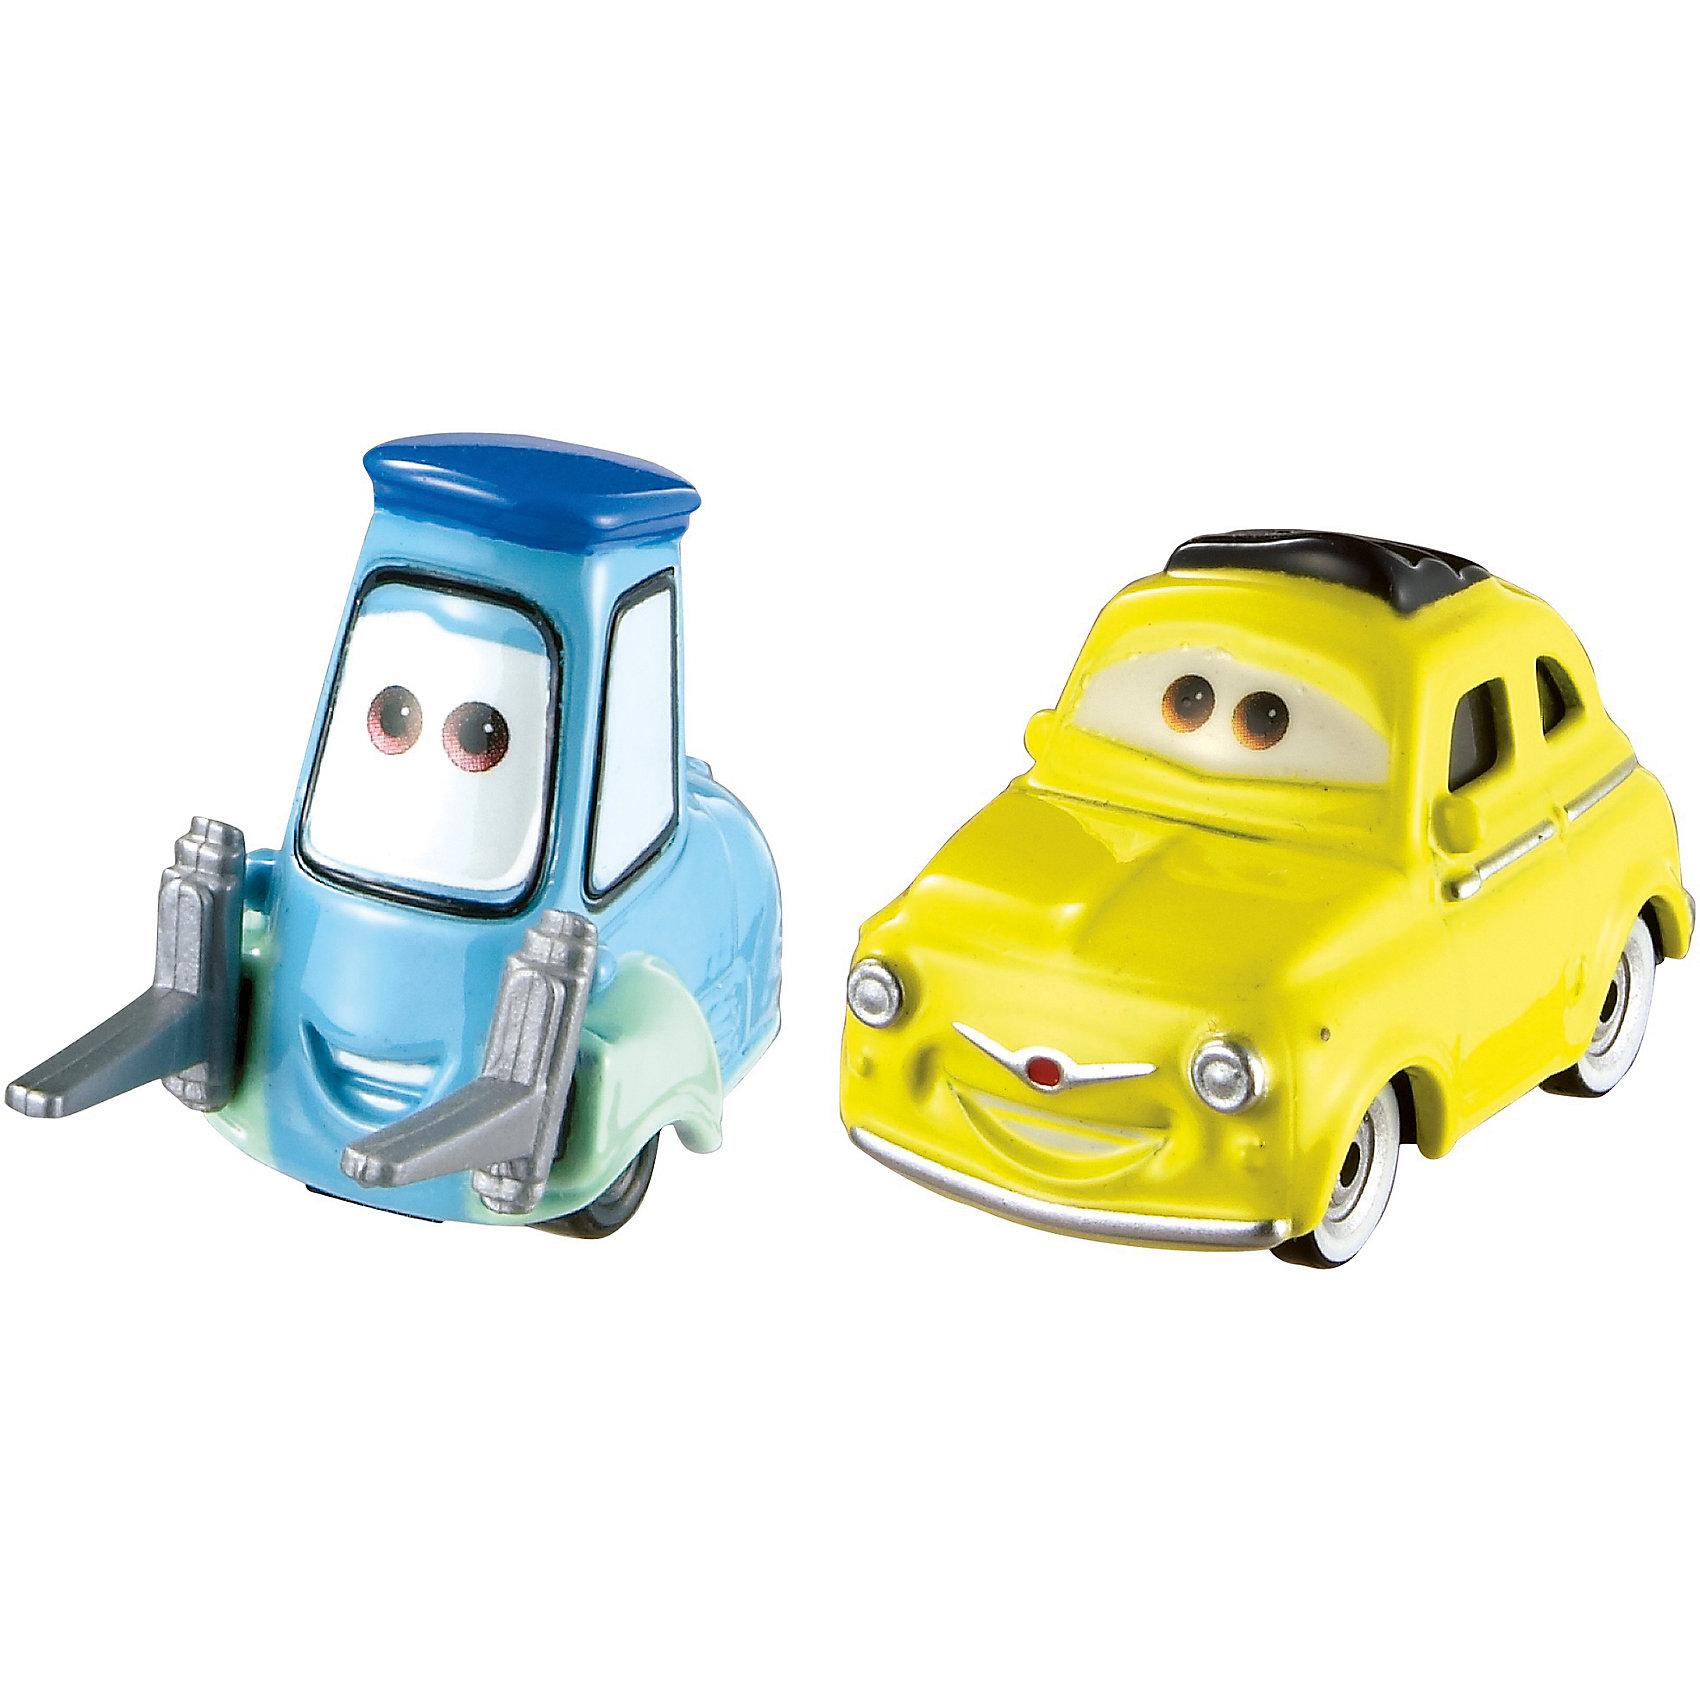 Базовая машинка Тачки 3Машинки<br>Характеристики товара:<br><br>• возраст: от 3 лет;<br>• материал: пластик, металл;<br>• масштаб: 1:55;<br>• размер упаковки: 16,5х14х7 см;<br>• вес упаковки: 85 гр.;<br>• страна производитель: Китай.<br><br>Базовая машинка Тачки 3 Mattel — один из персонажей известного мультфильма «Тачки 3». У машинки крутятся колеса, поэтому ее можно катать по полу. С игрушкой можно весело провести время, устроив захватывающие гонки. А можно также собрать целую коллекцию любимых героев и играть вместе с друзьями. Машинка выполнена из качественных безопасных материалов.<br><br>Базовую машинку Тачки 3 Mattel можно приобрести в нашем интернет-магазине.<br><br>Ширина мм: 140<br>Глубина мм: 40<br>Высота мм: 165<br>Вес г: 85<br>Возраст от месяцев: 36<br>Возраст до месяцев: 120<br>Пол: Мужской<br>Возраст: Детский<br>SKU: 6771797